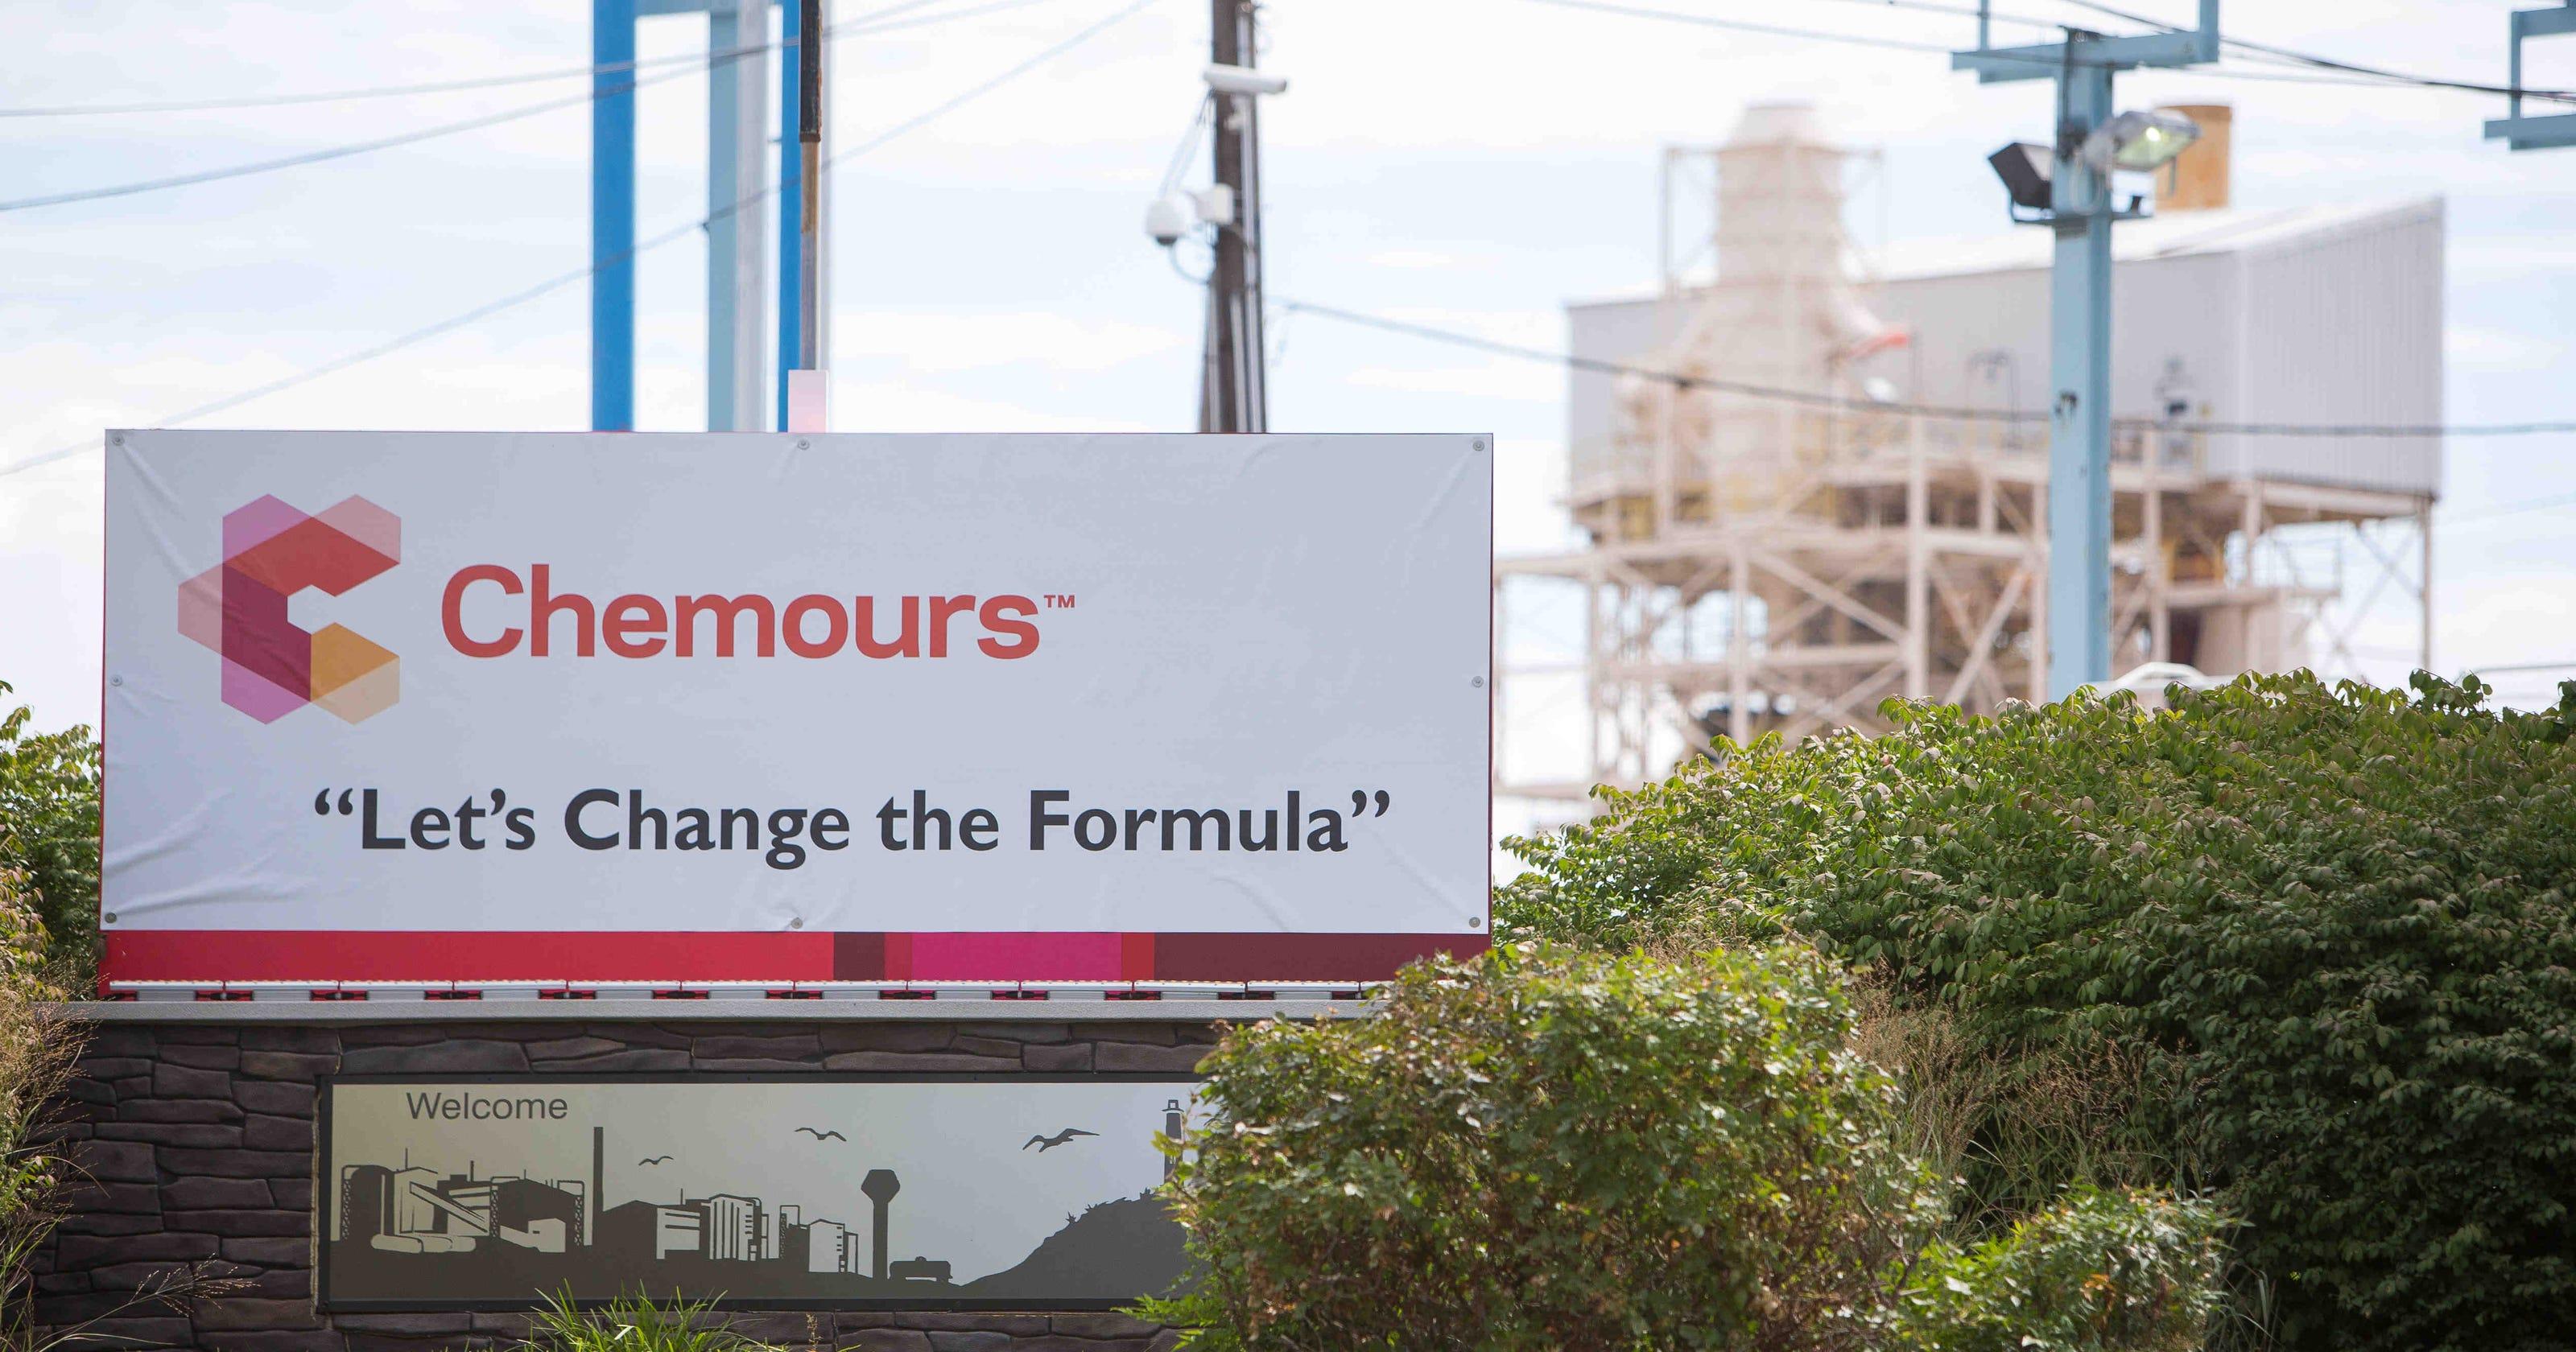 Chemours raises Titanium Dioxide prices again